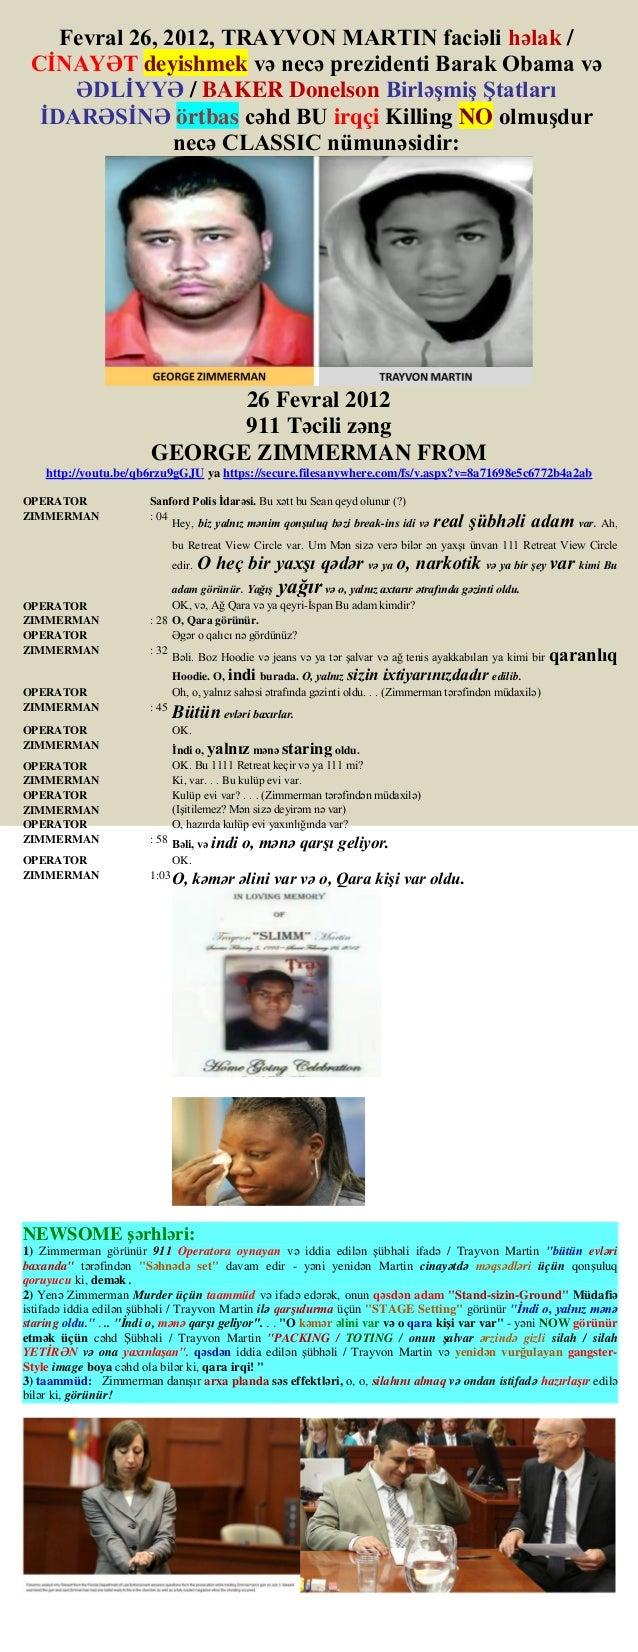 Fevral 26, 2012, TRAYVON MARTIN faciəli həlak / CİNAYƏT deyishmek və necə prezidenti Barak Obama və ƏDLİYYƏ / BAKER Donels...